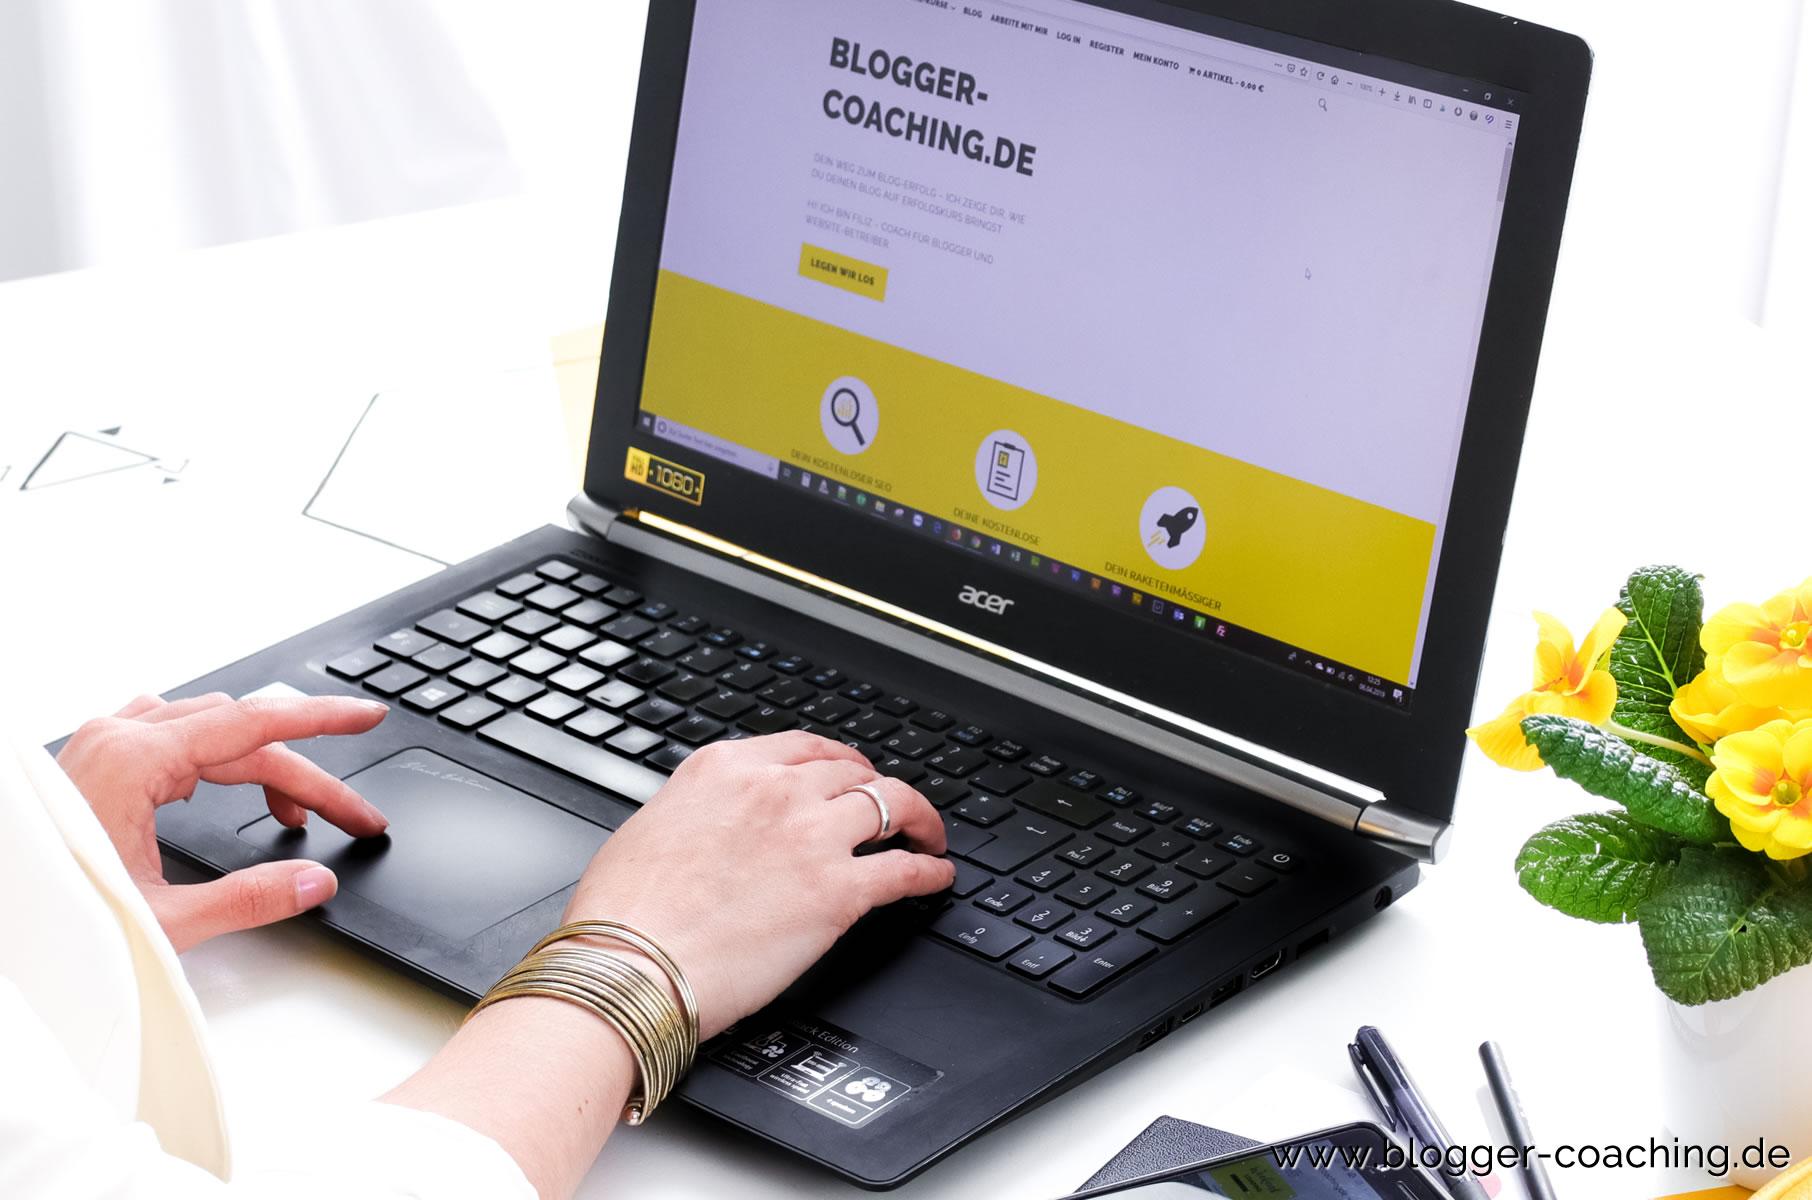 Content mit Mehrwert - Der Schlüssel zum nachhaltigen Blog-Erfolg | Blogger-Coaching.de - Dein Weg zum Blog-Erfolg